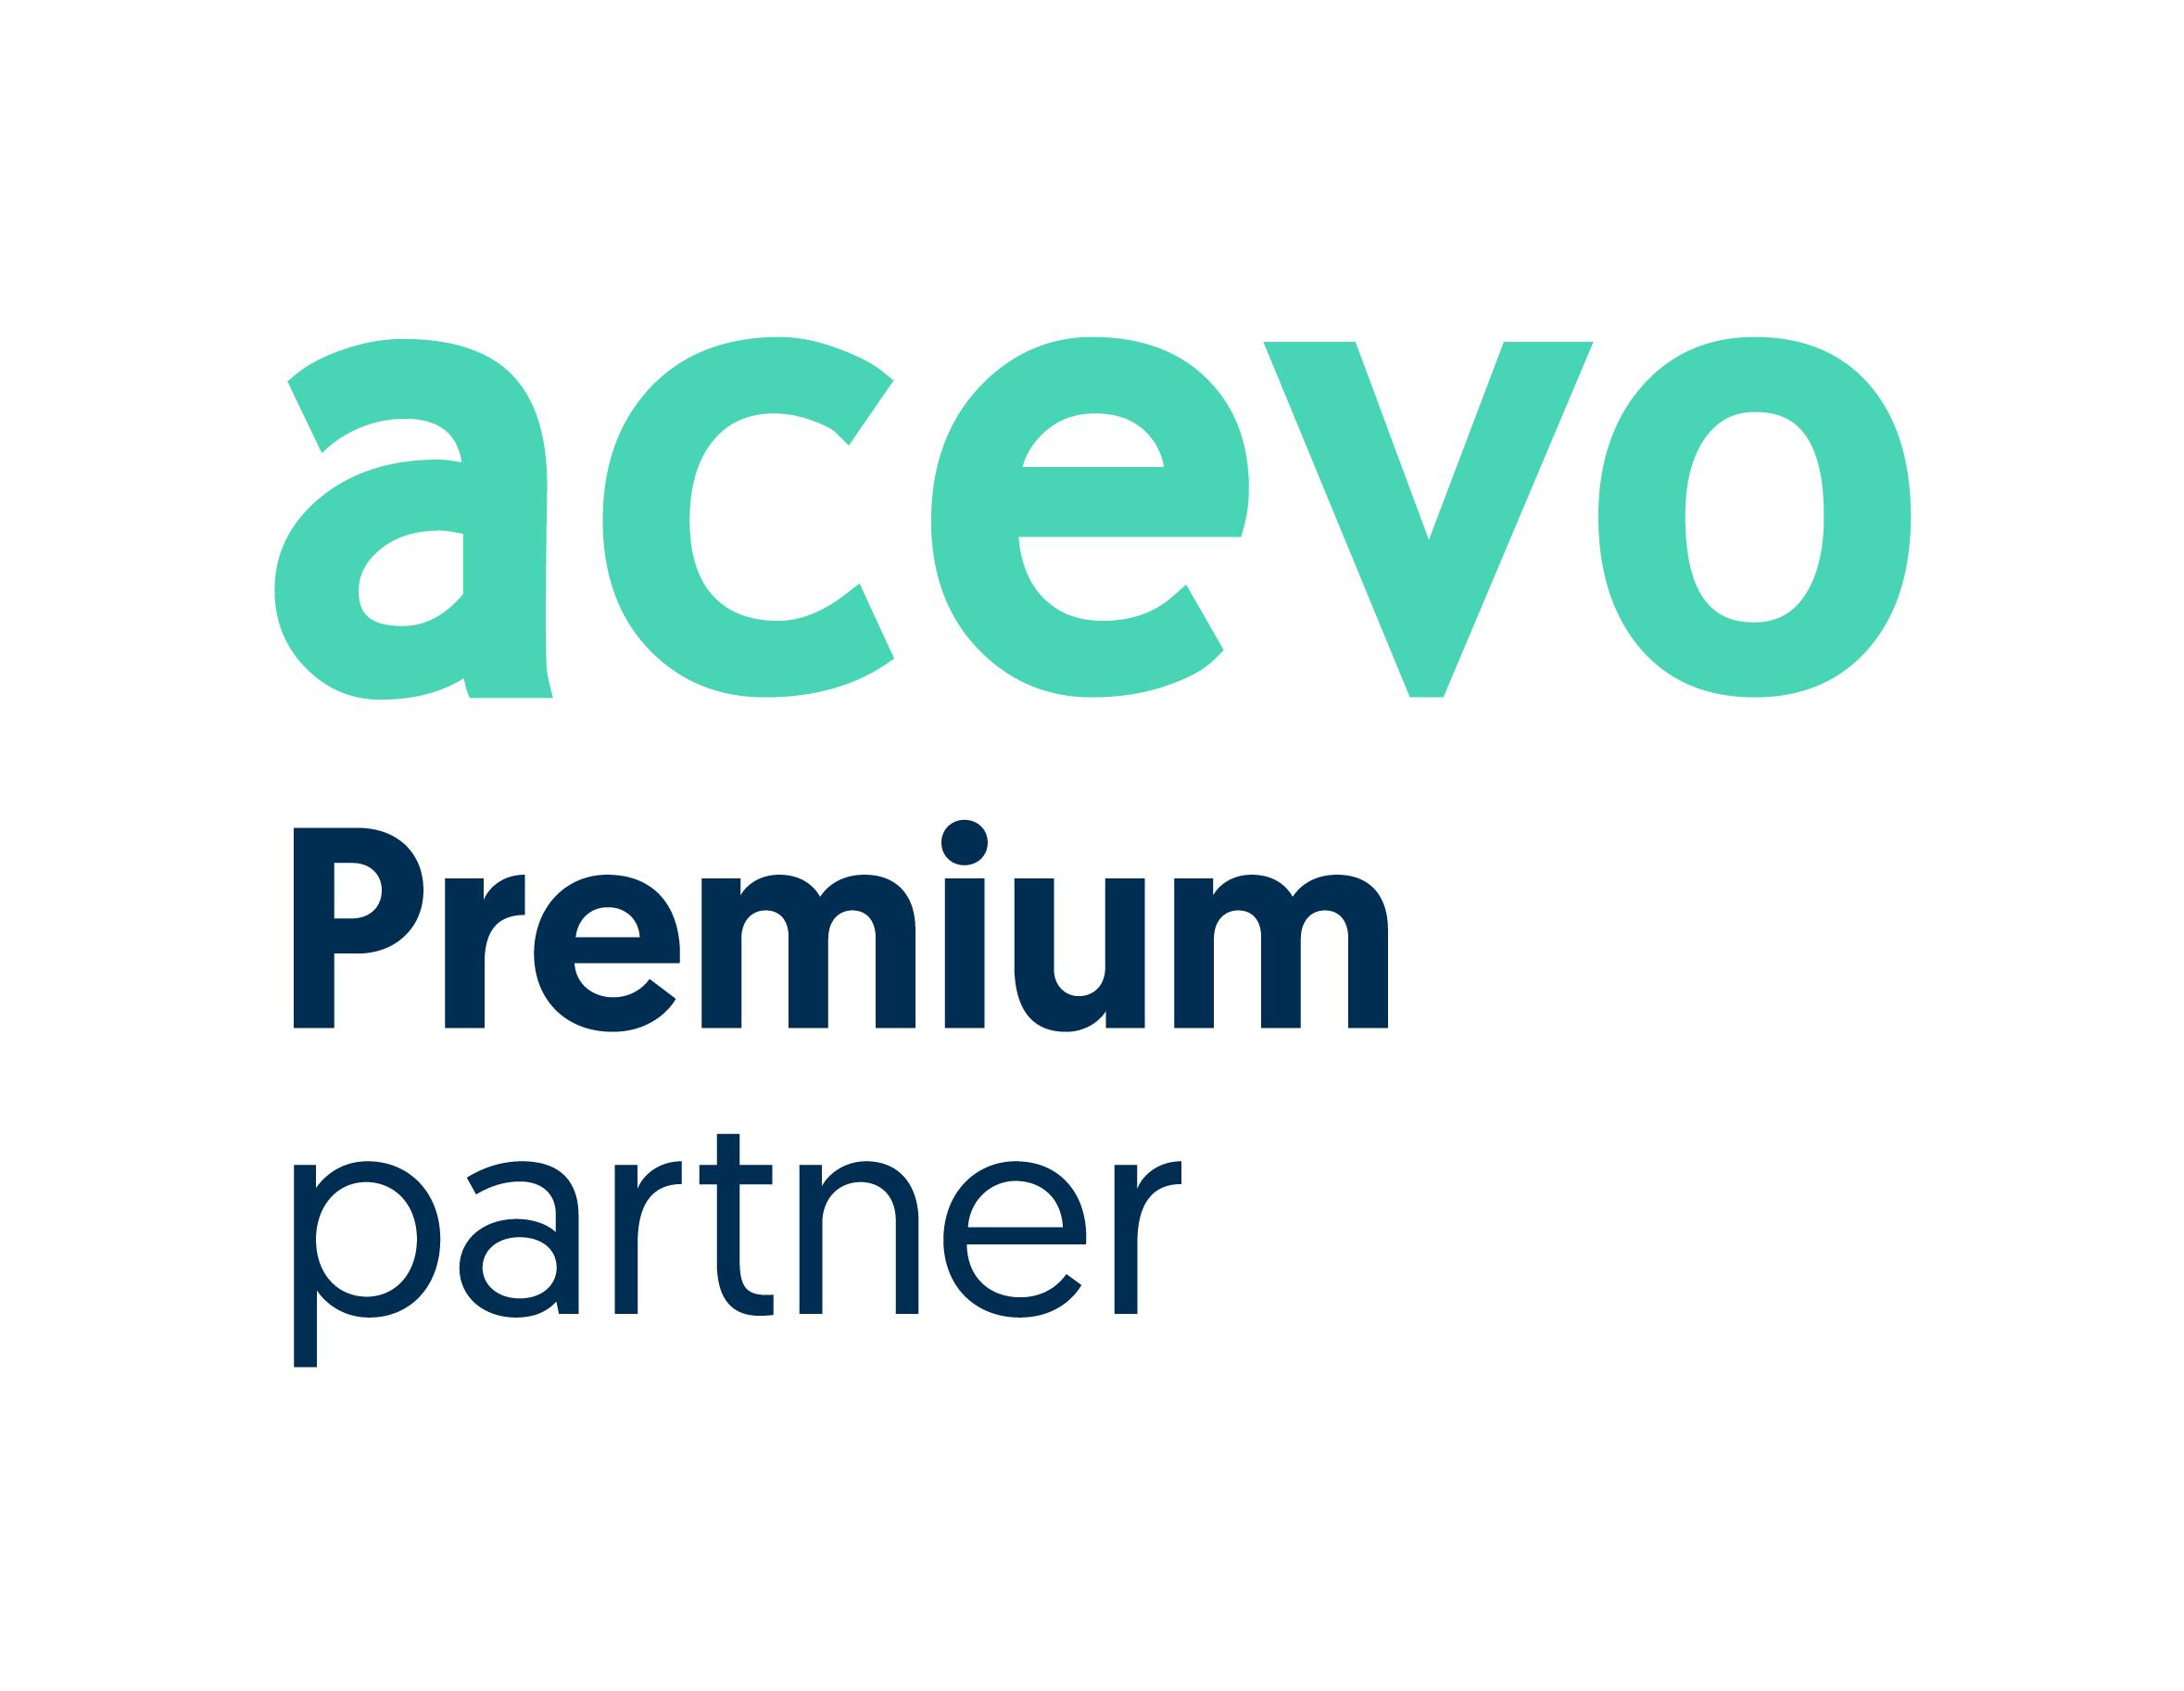 Acevo premium partner logo